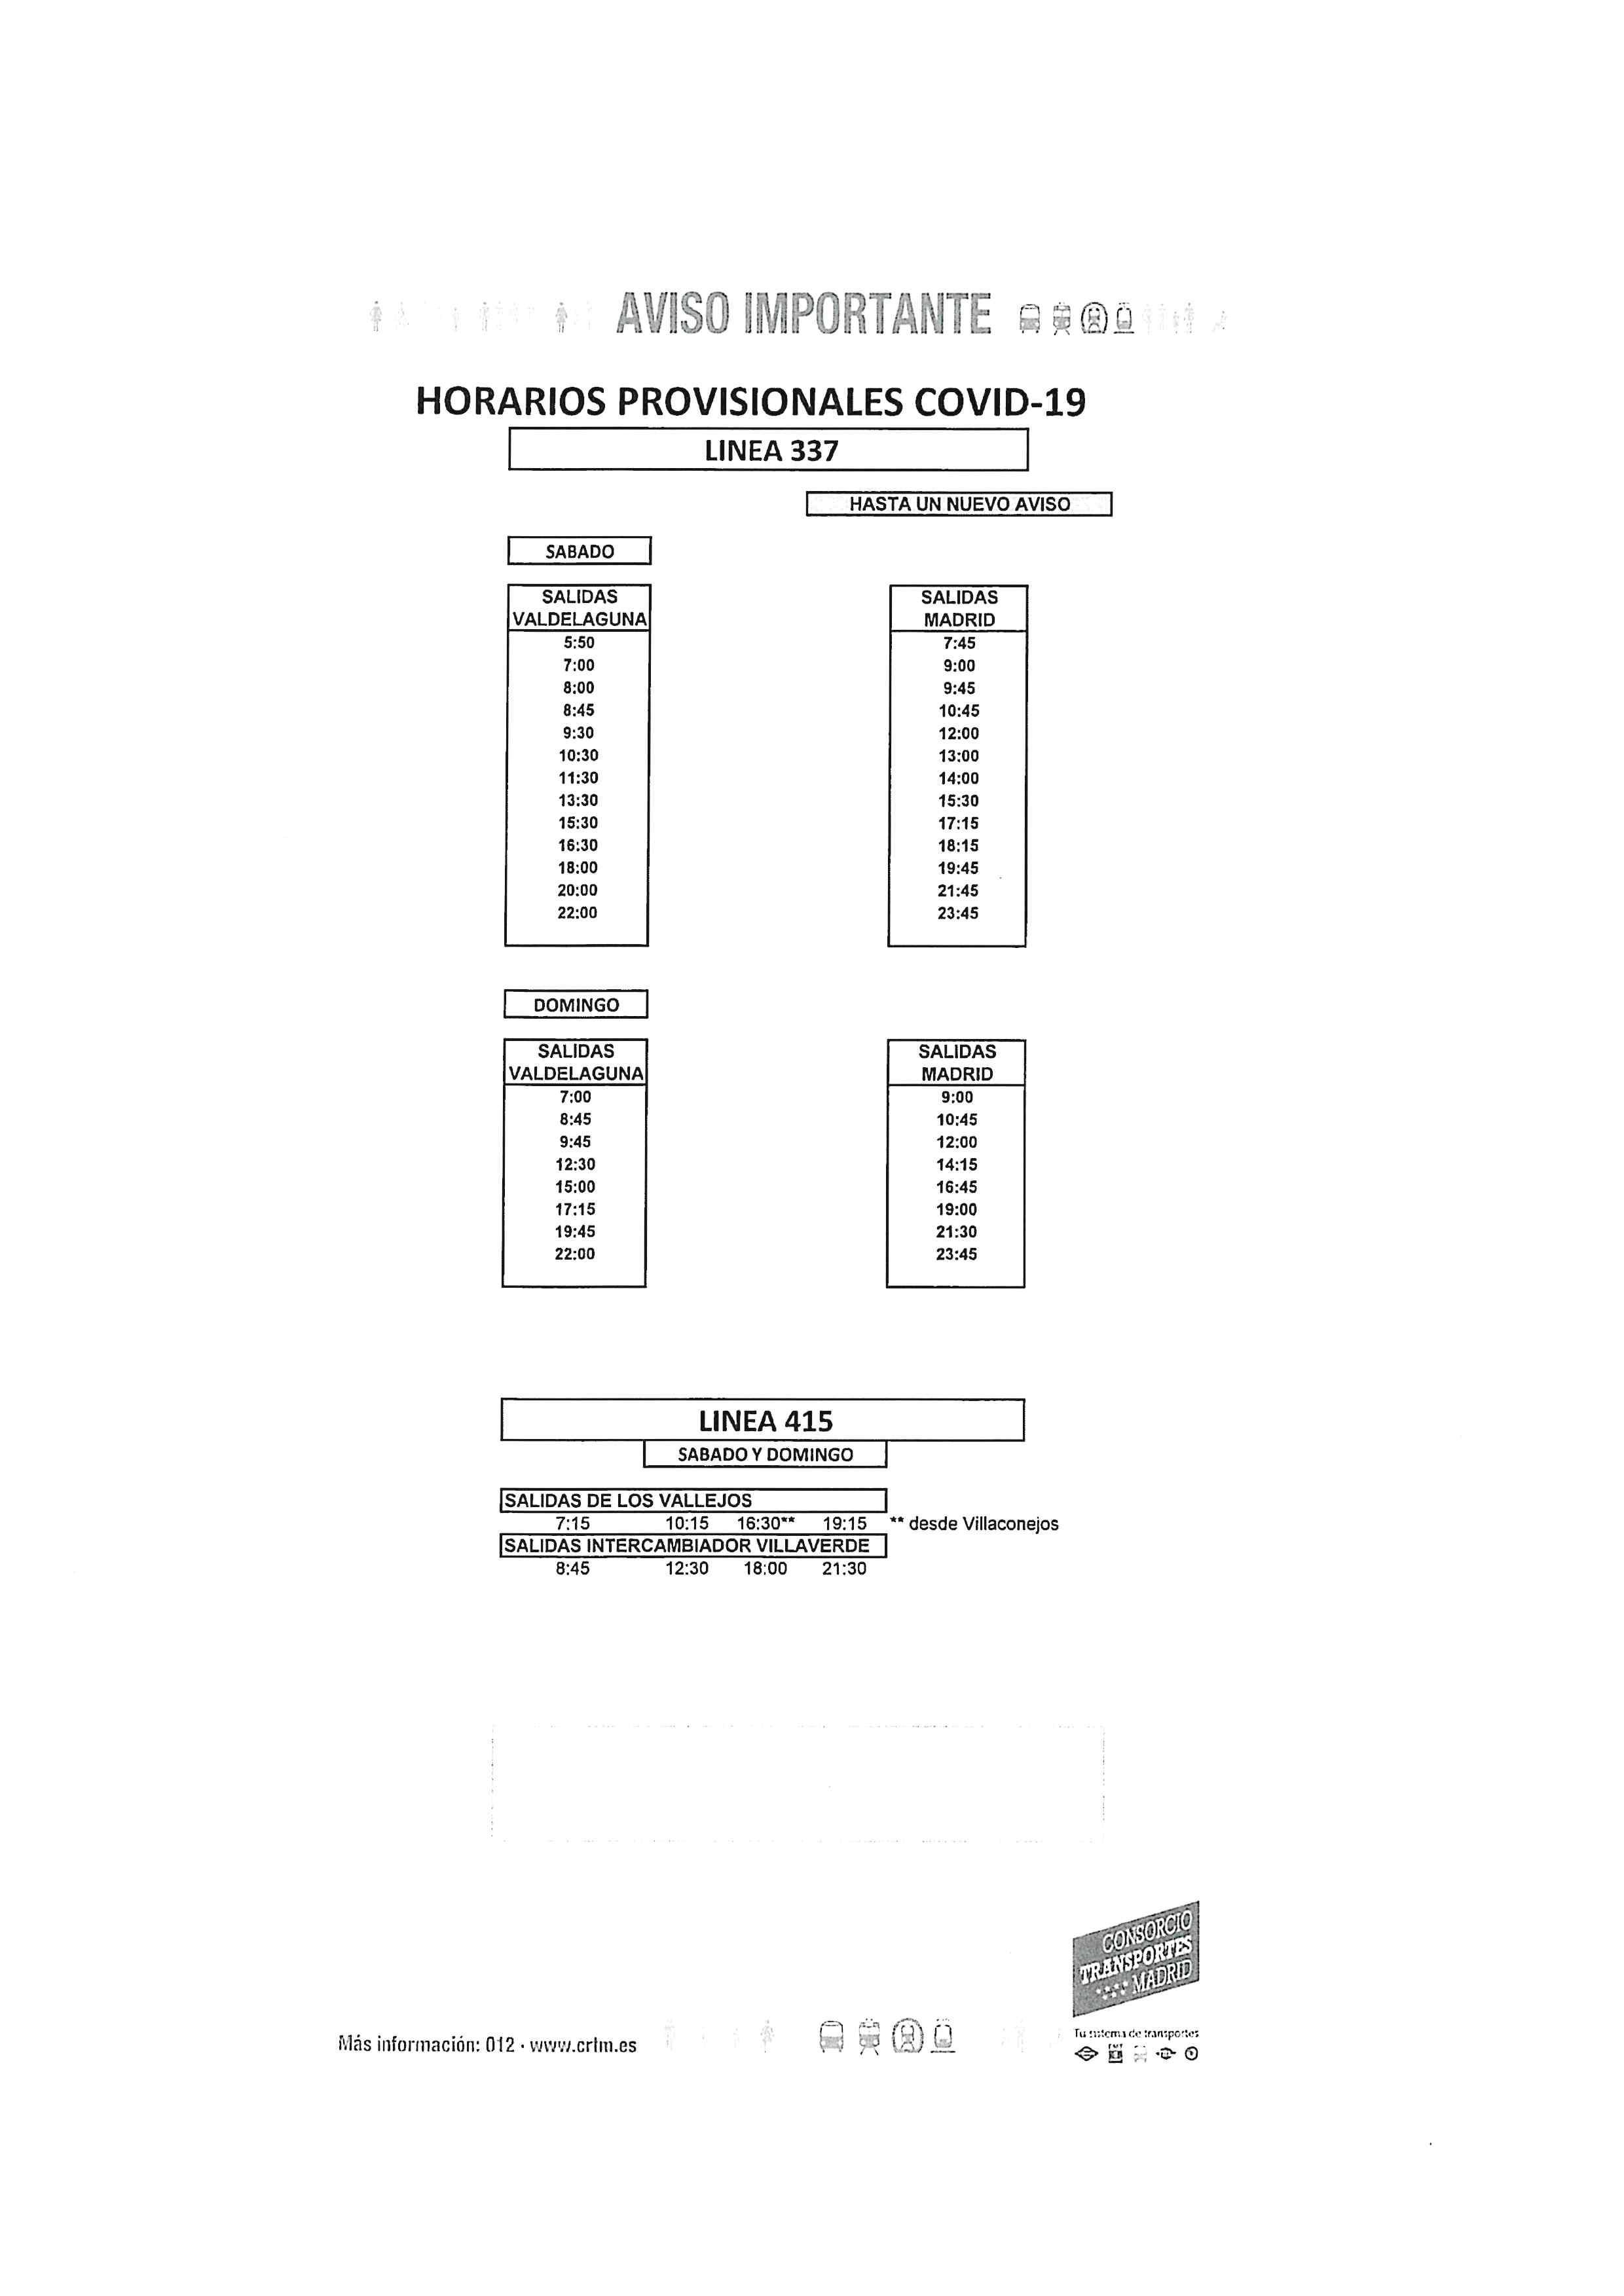 1-AVISO HORARIOS COVID-19 LINEAS 336-337-415 - SABADOS Y DOMINGOS